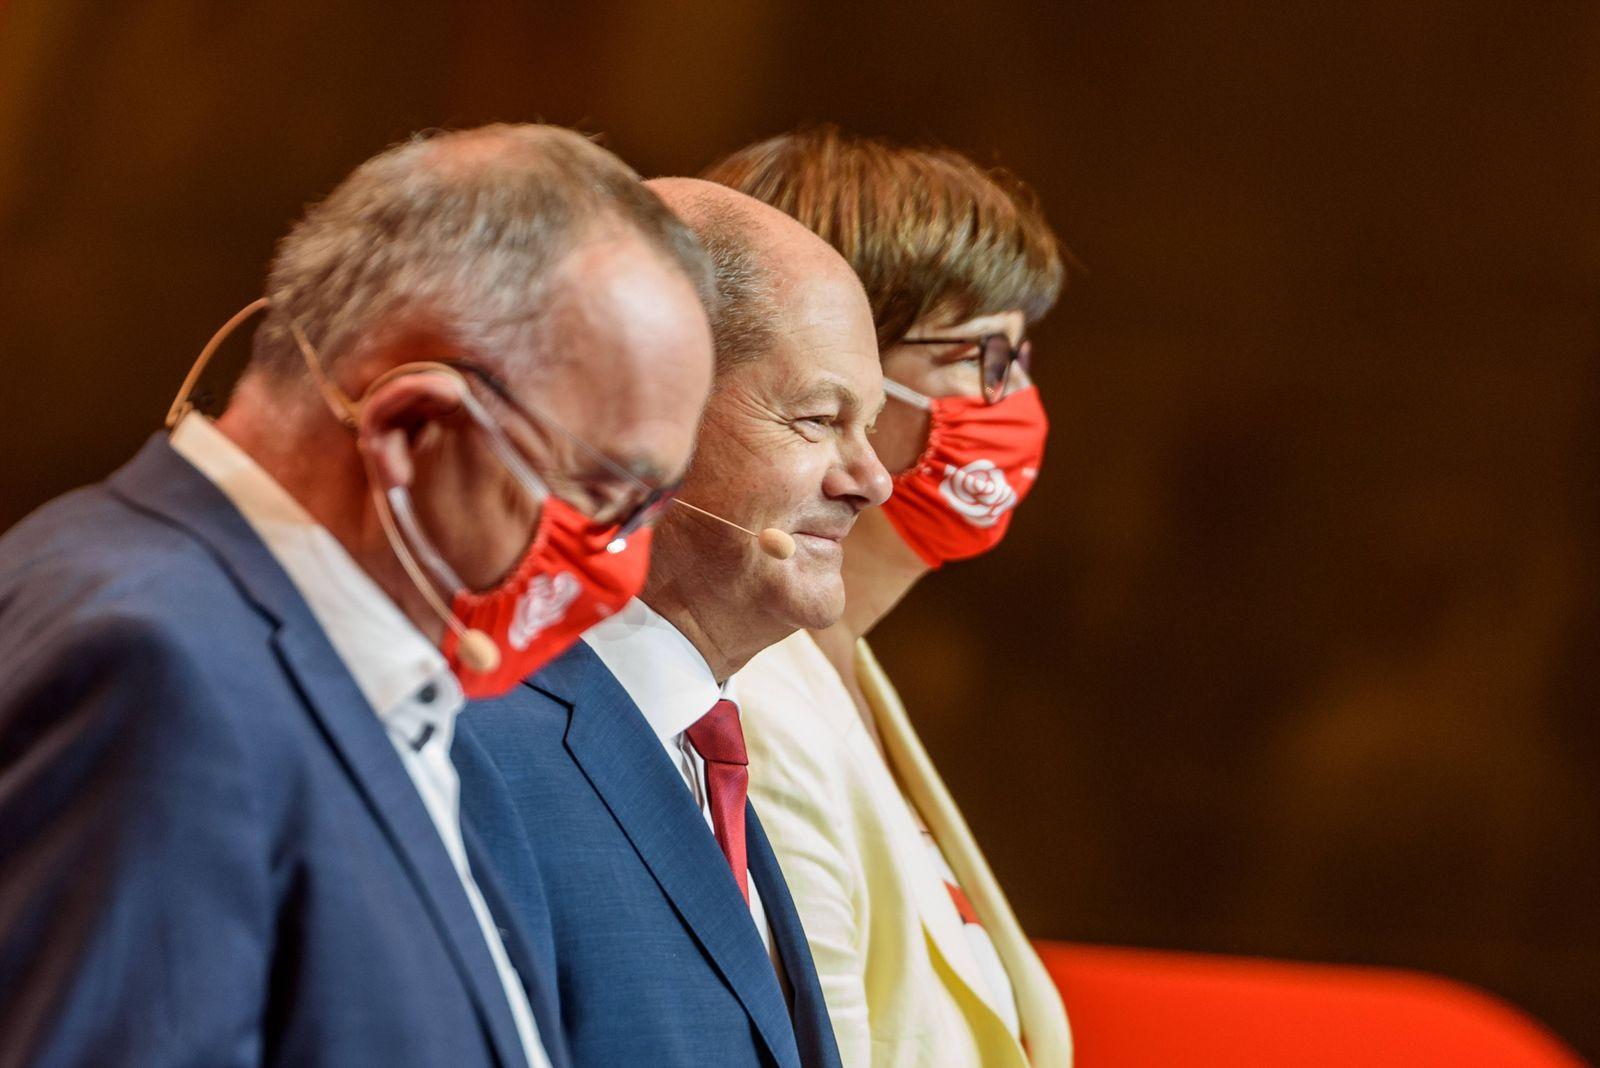 Entertainment Themen der Woche KW33 News Bilder des Tages Parteivorsitzender Norbert Walter-Borjans, nominierter Kanzler